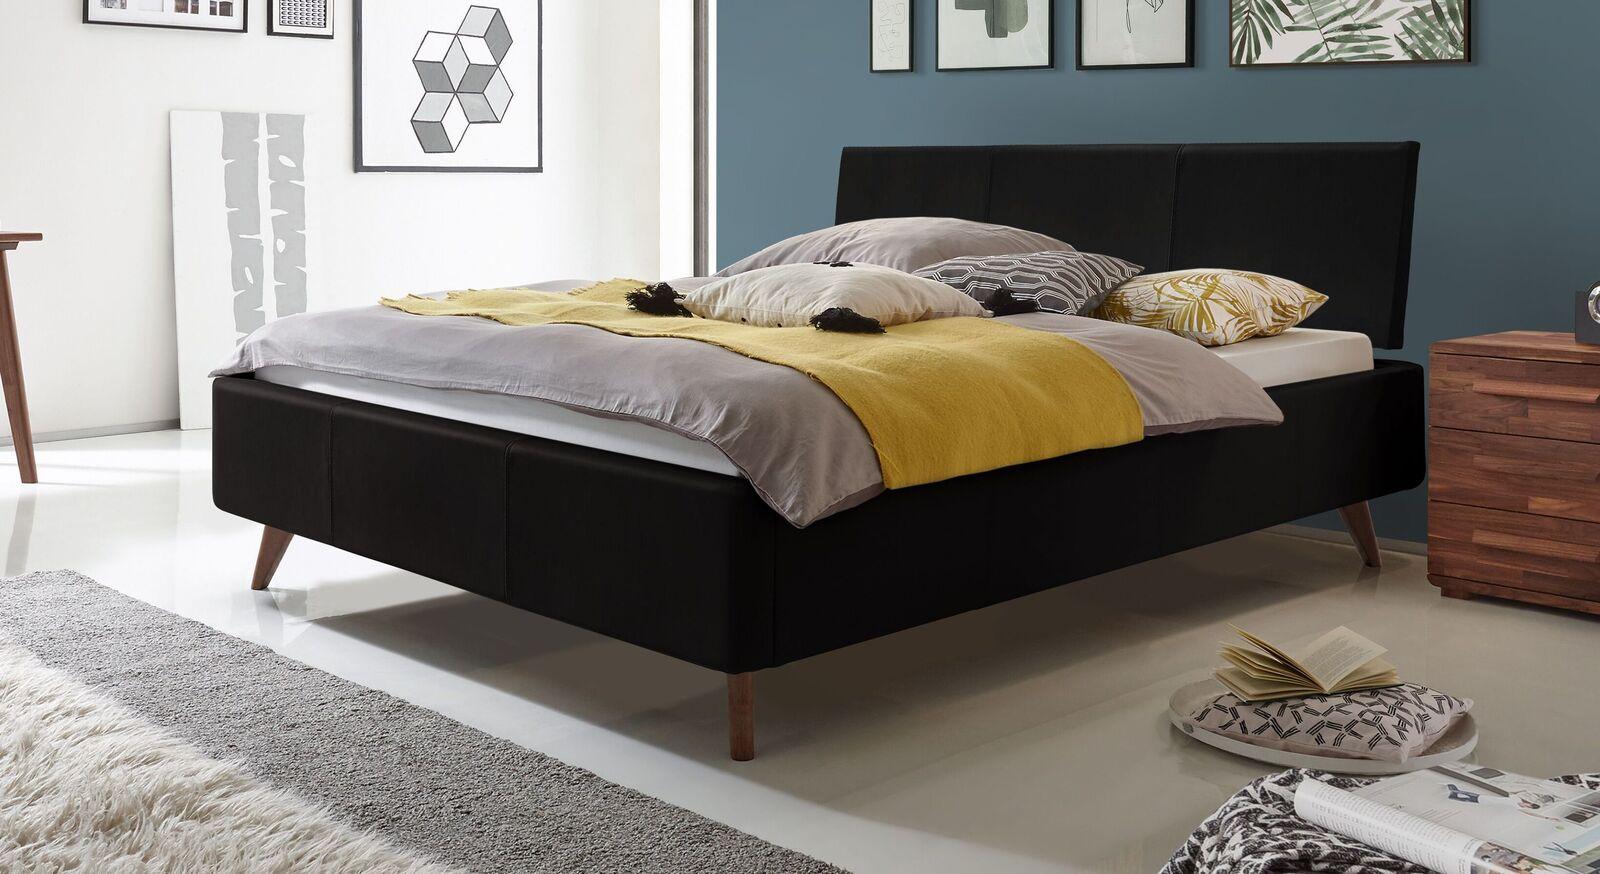 Bett Sien mit schwarzem Echtlederbezug